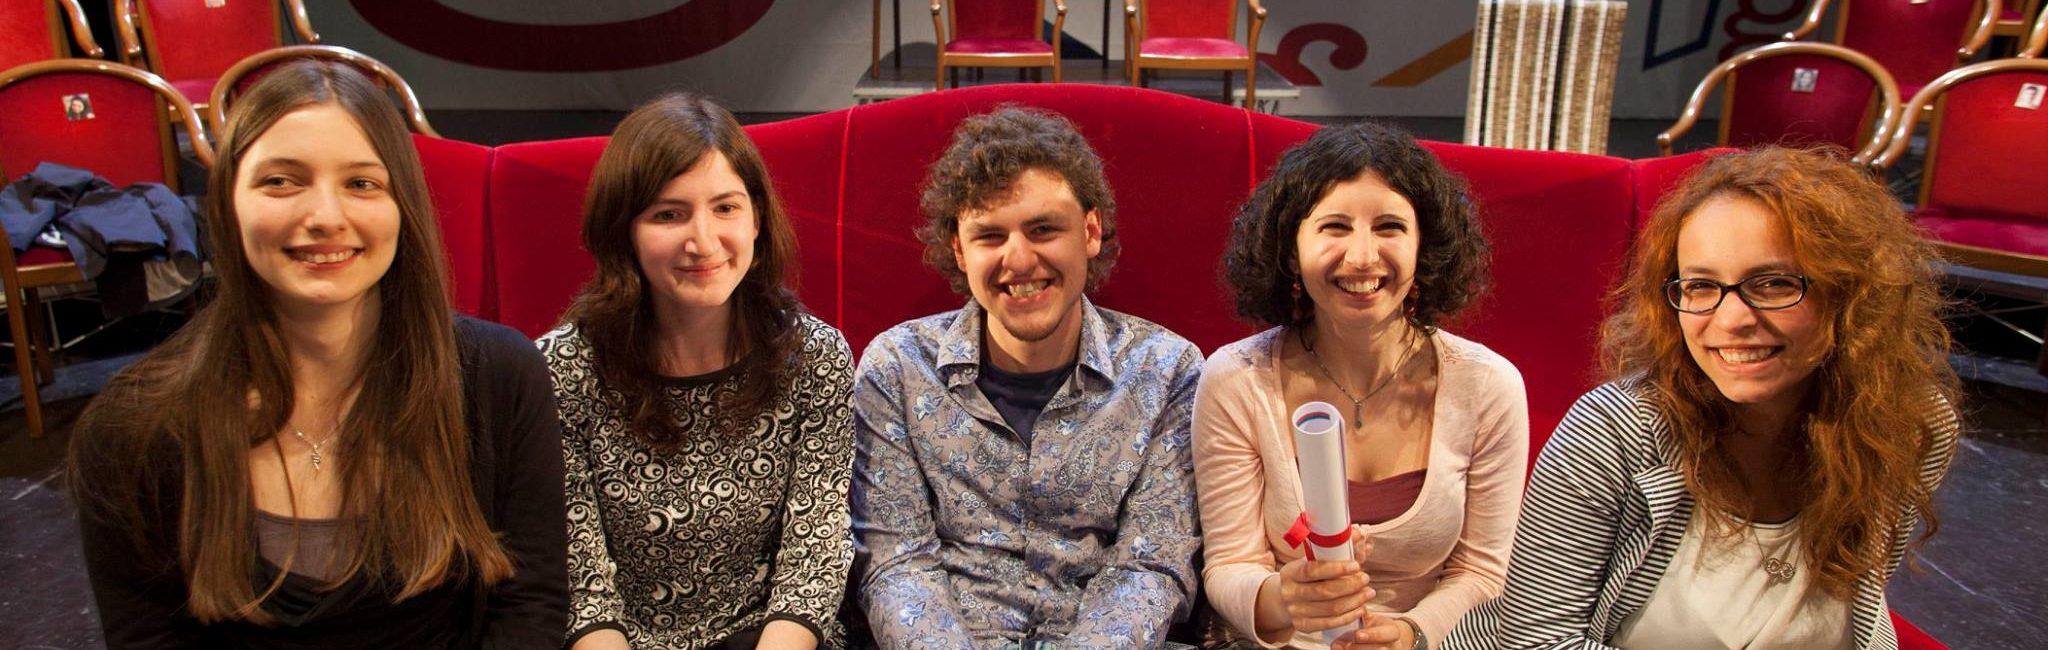 La catanese Mascolino e il riesino Terranova tra i 5 finalisti del Campiello giovani